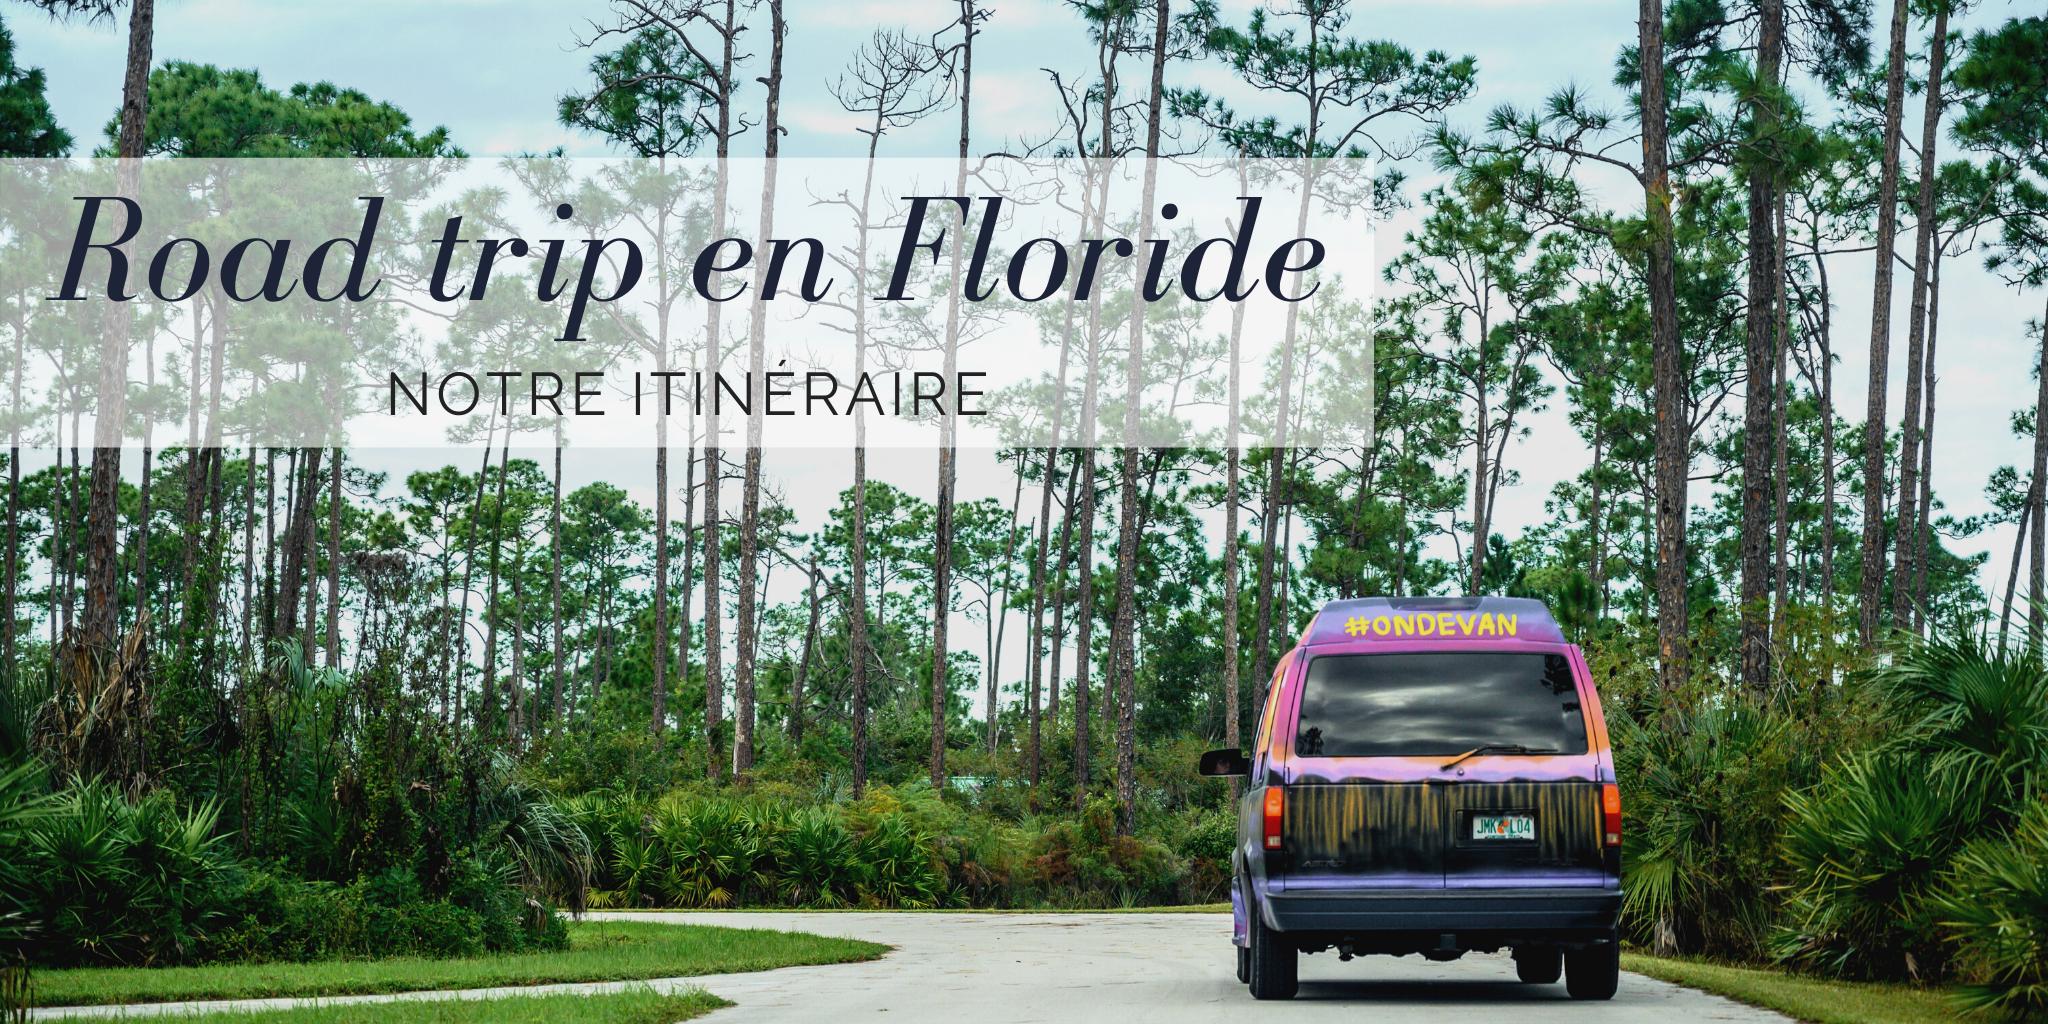 road trip van Floride